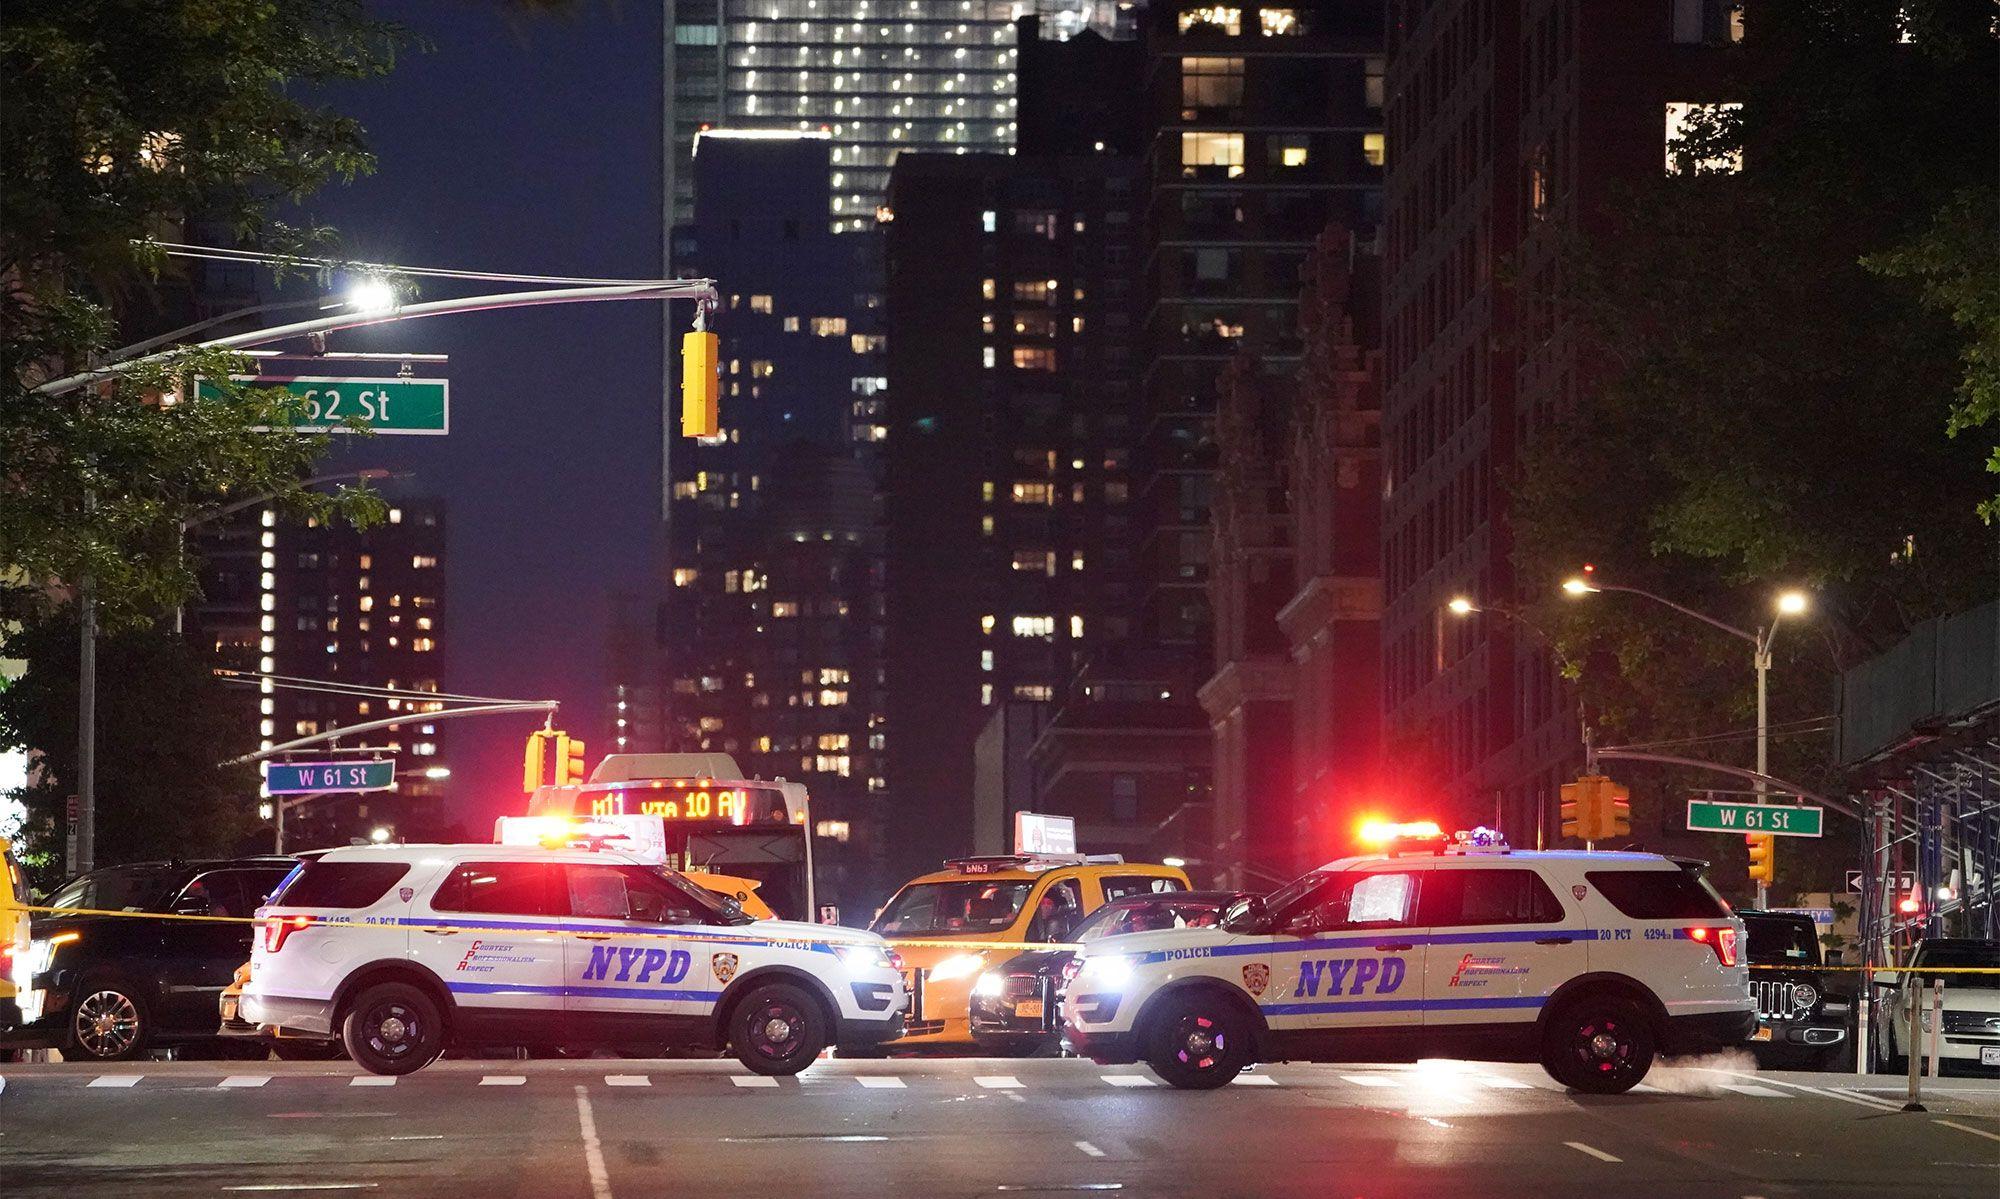 知名演员丽萨·巴恩斯车祸后不治身亡,肇事司机当场逃逸尚未自首